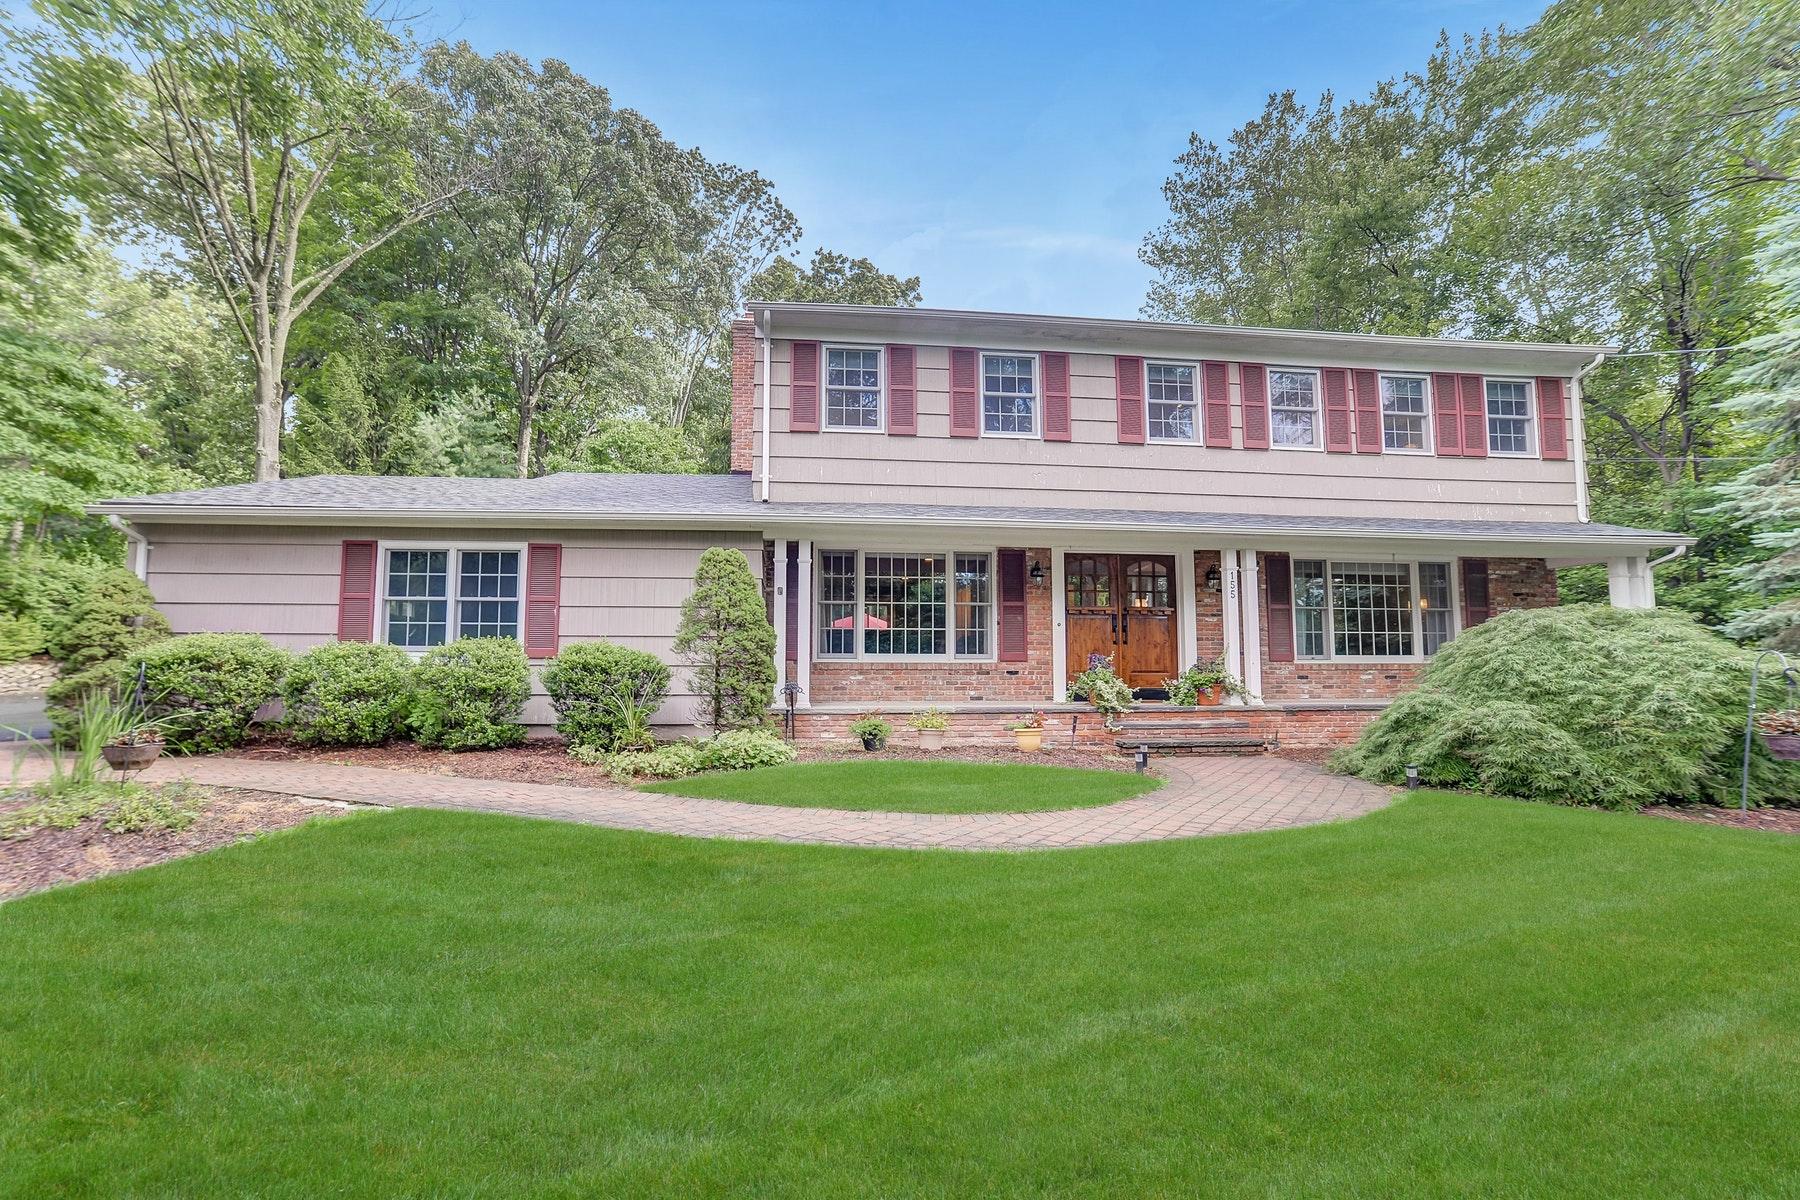 Maison unifamiliale pour l Vente à Classic Colonial in Desirable Fardale Section 155 Deerfield Terrace Mahwah, New Jersey 07430 États-Unis